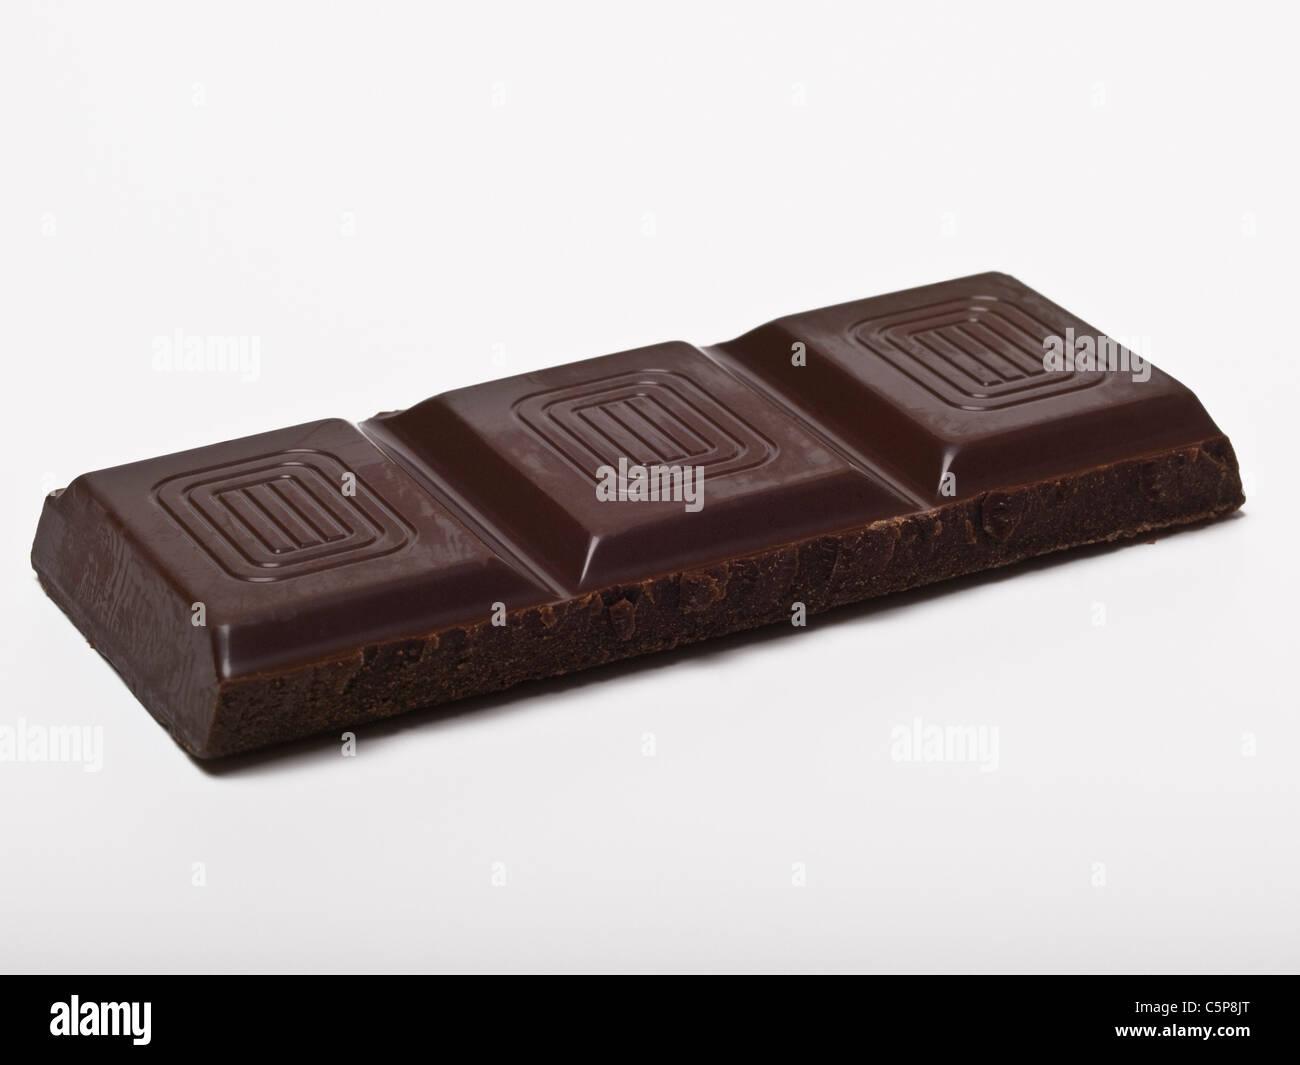 Detailphoto von einem Riegel Bitterschokolade | Detail photo of a dark chocolate bar Stock Photo